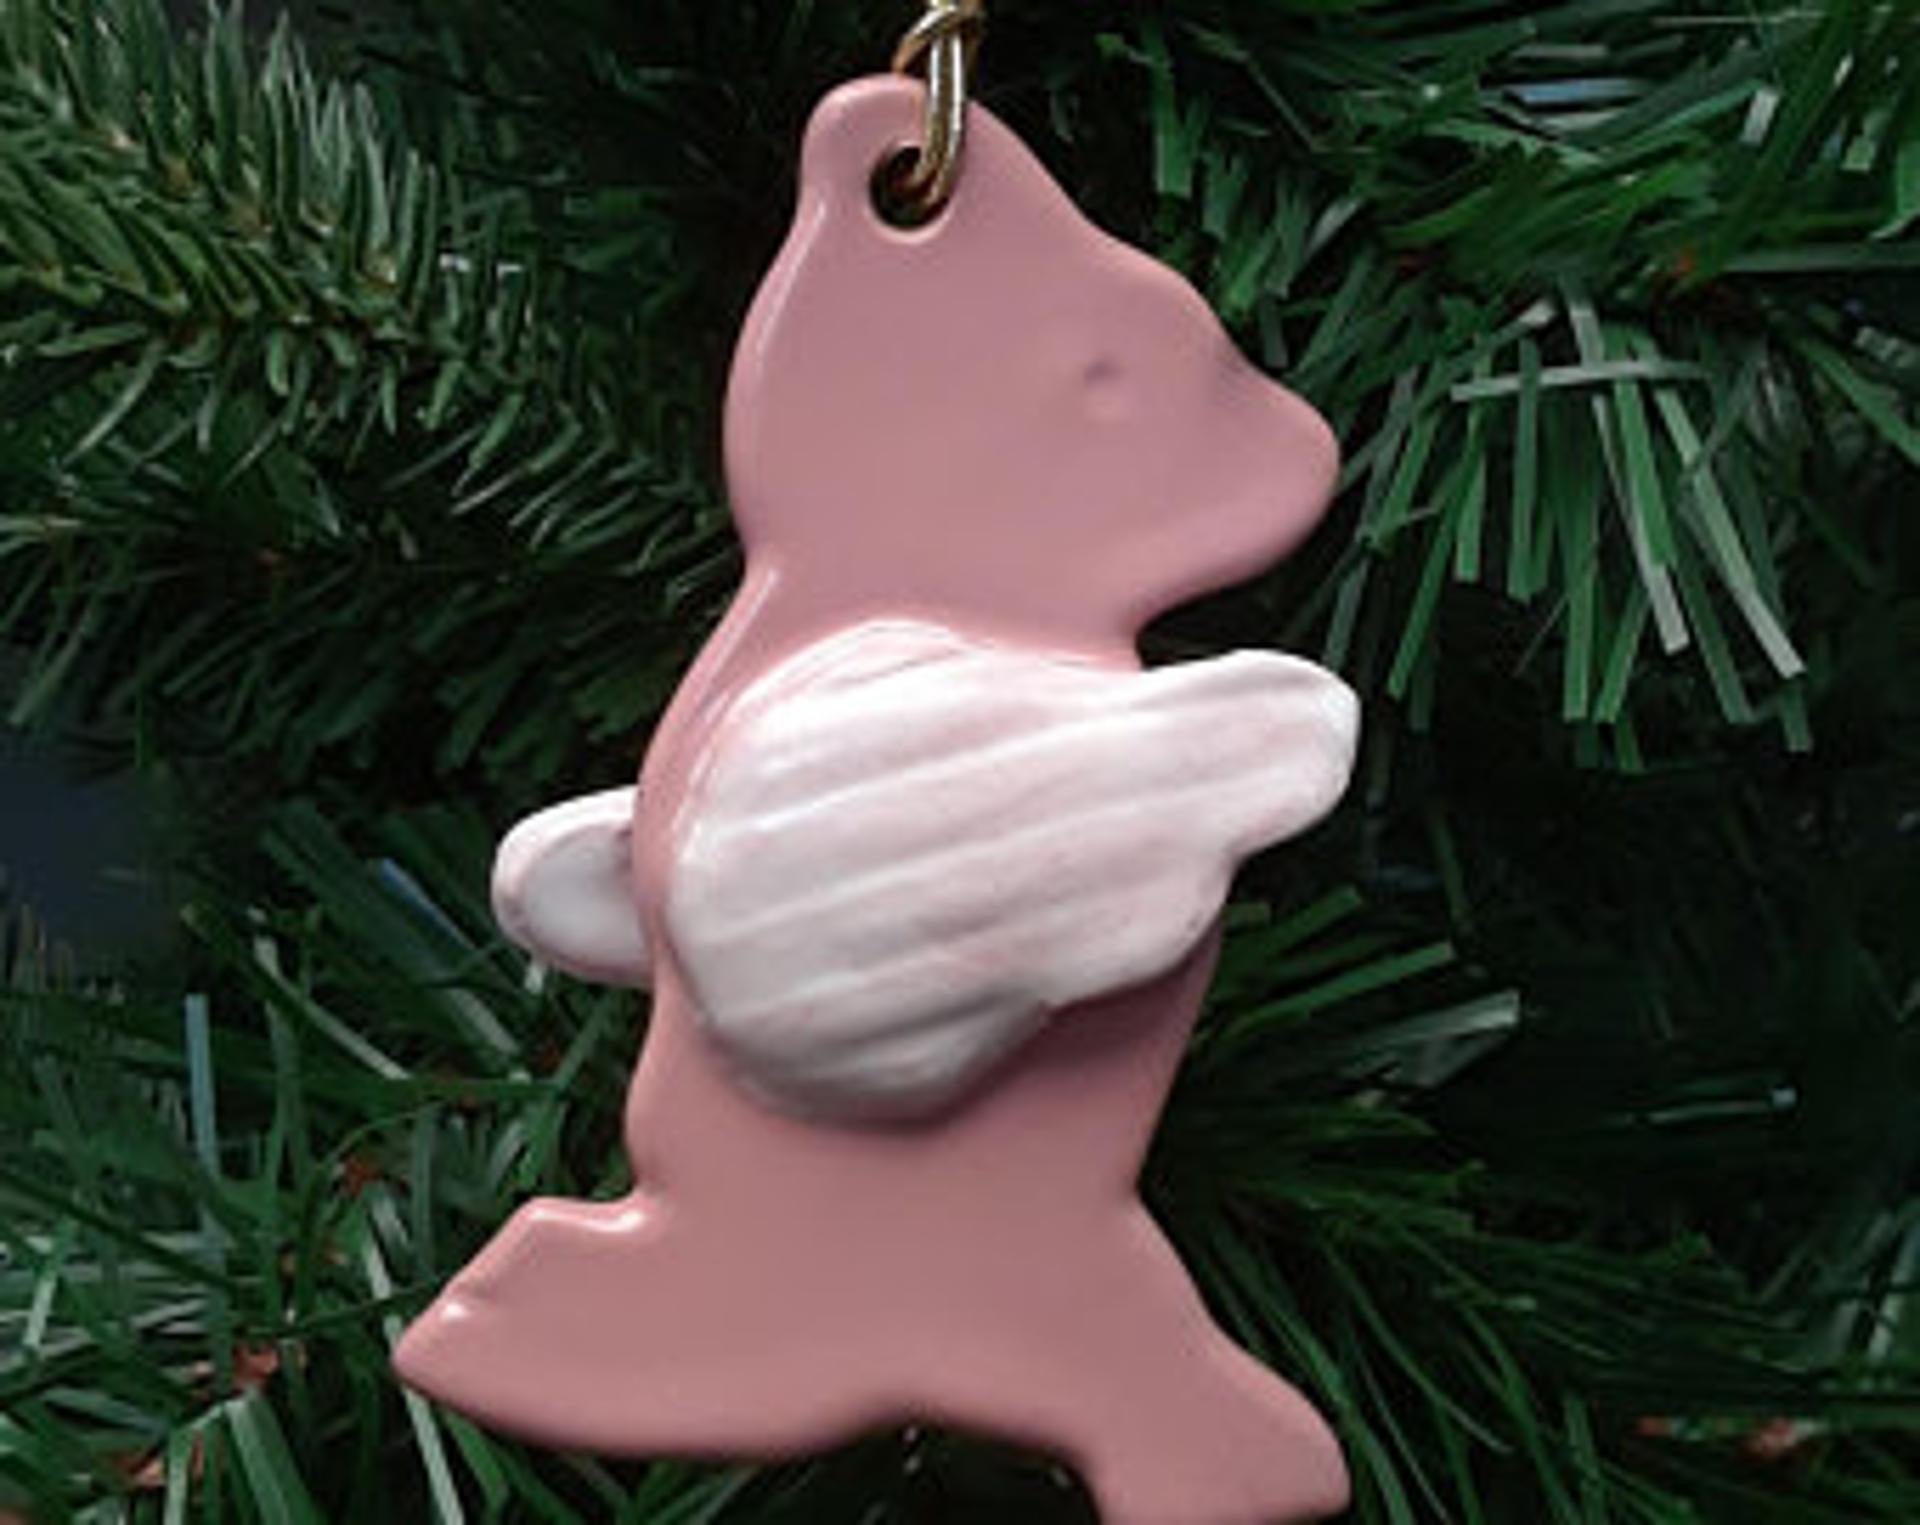 Hoofin' It ornament by Lin Barnhardt